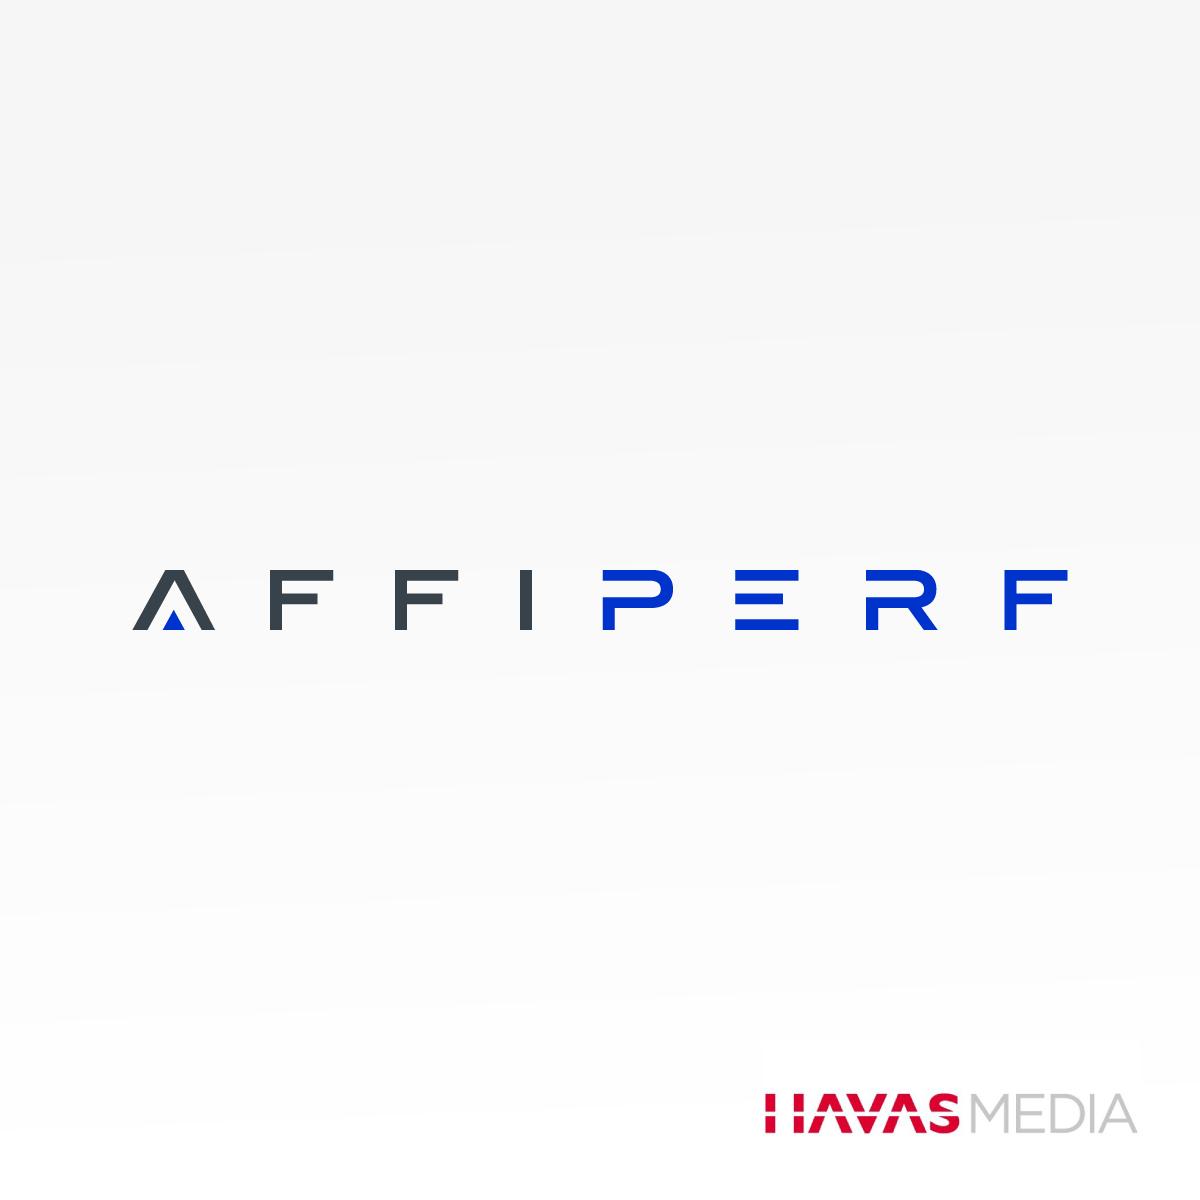 affiperf-logo